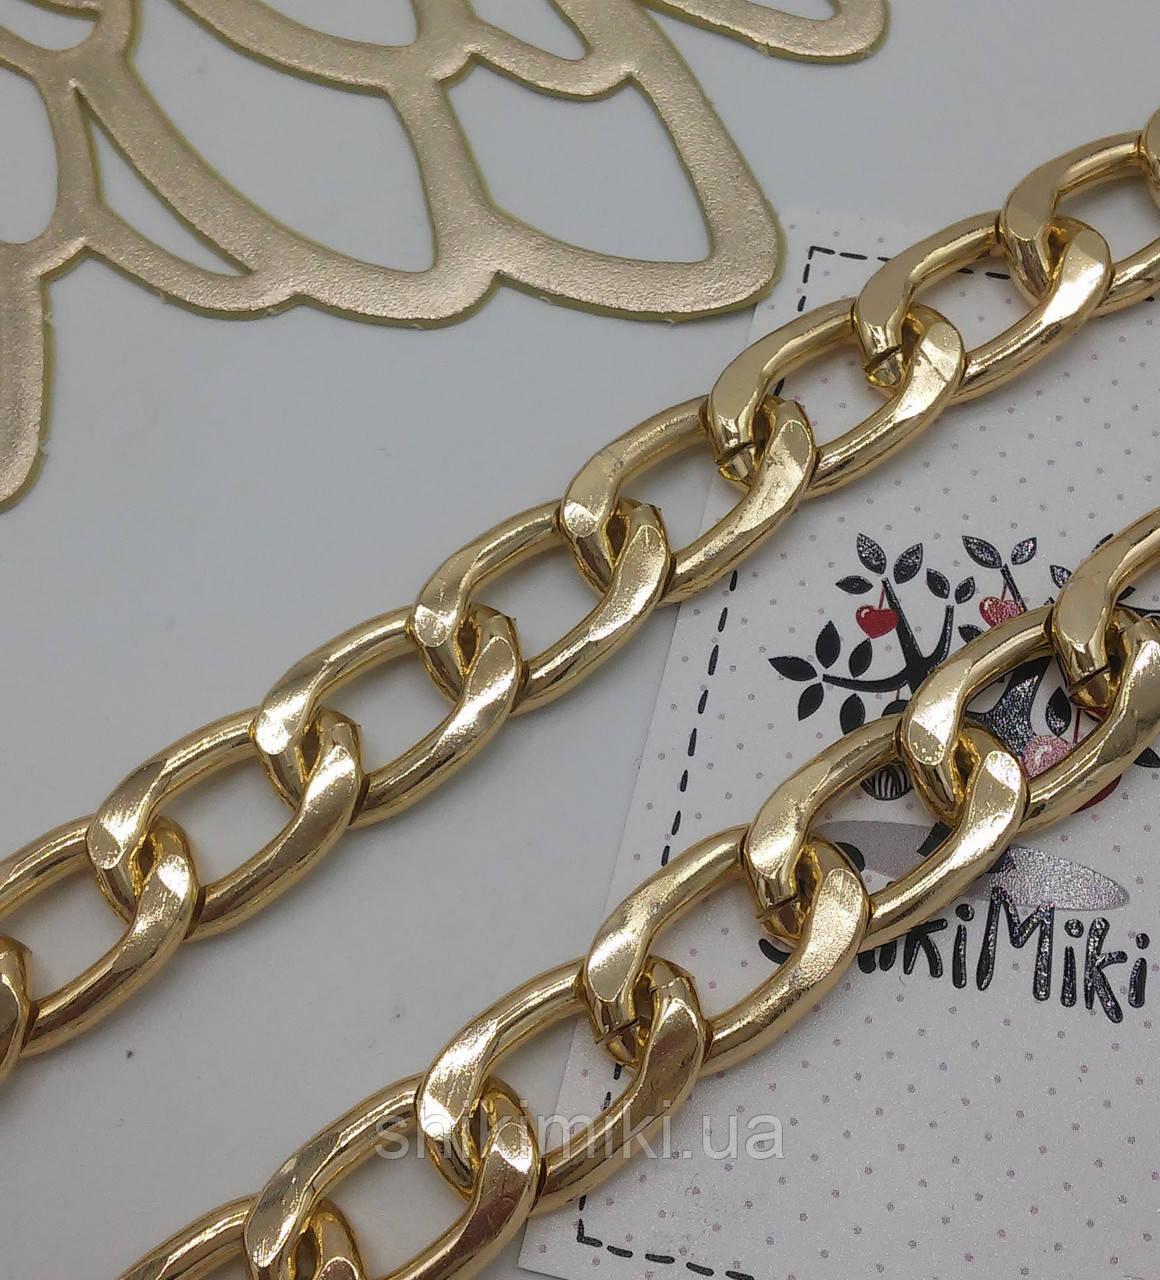 Цепочка для сумки супер крупная Z22-3, цвет золото